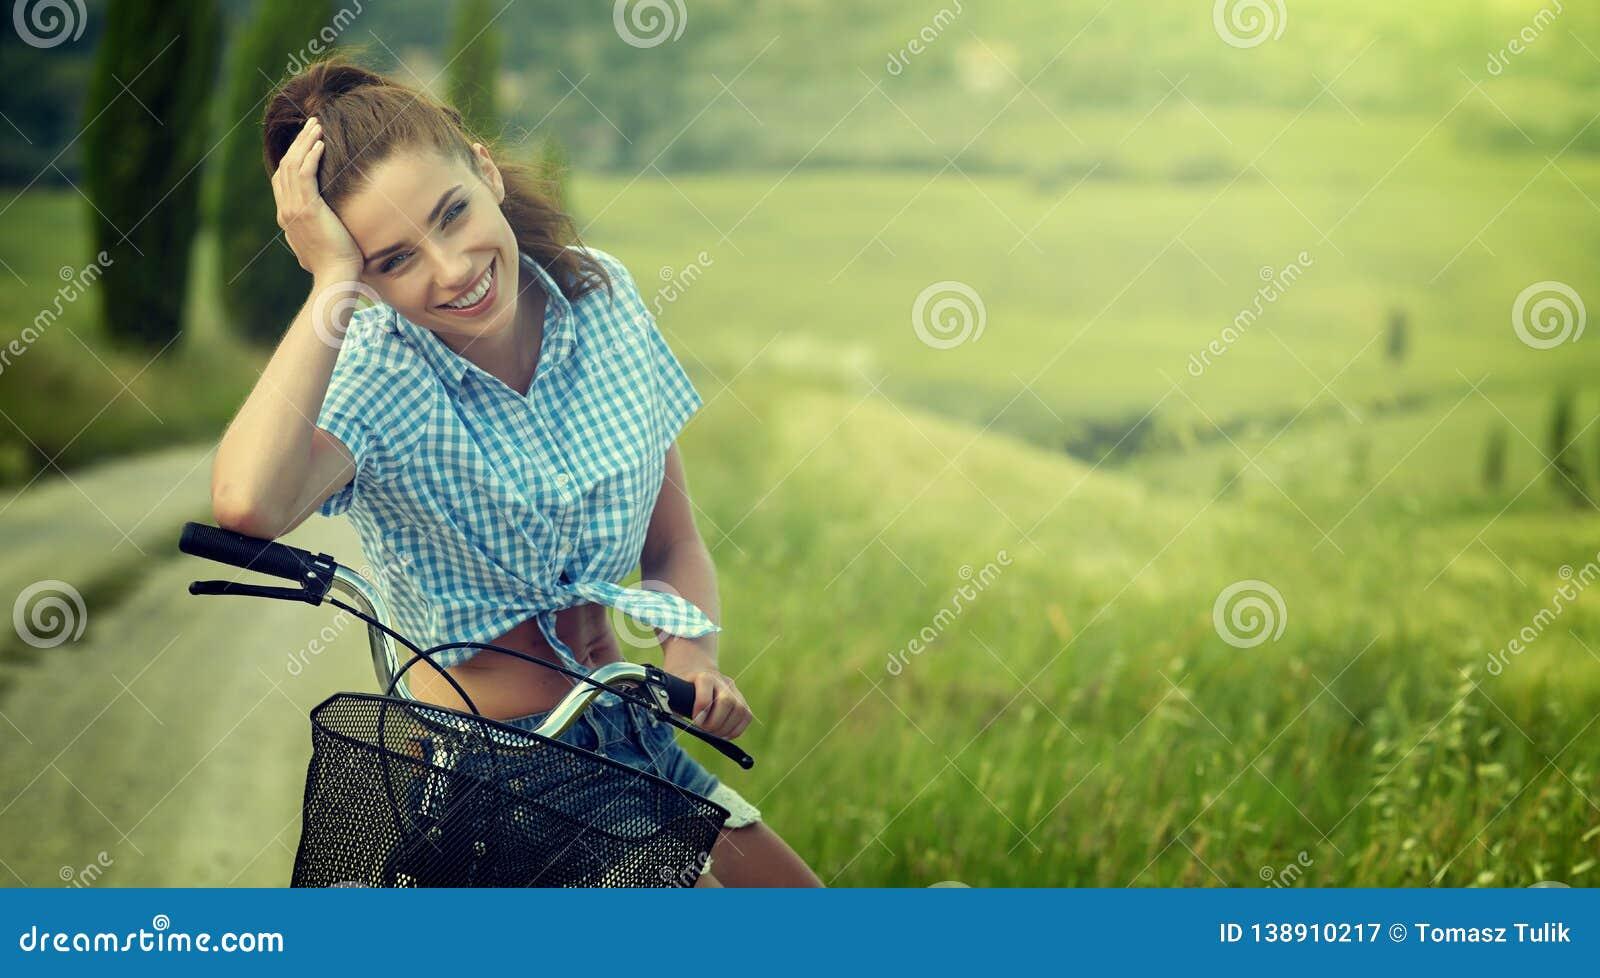 Όμορφη εκλεκτής ποιότητας συνεδρίαση κοριτσιών δίπλα στο ποδήλατο, θερινός χρόνος